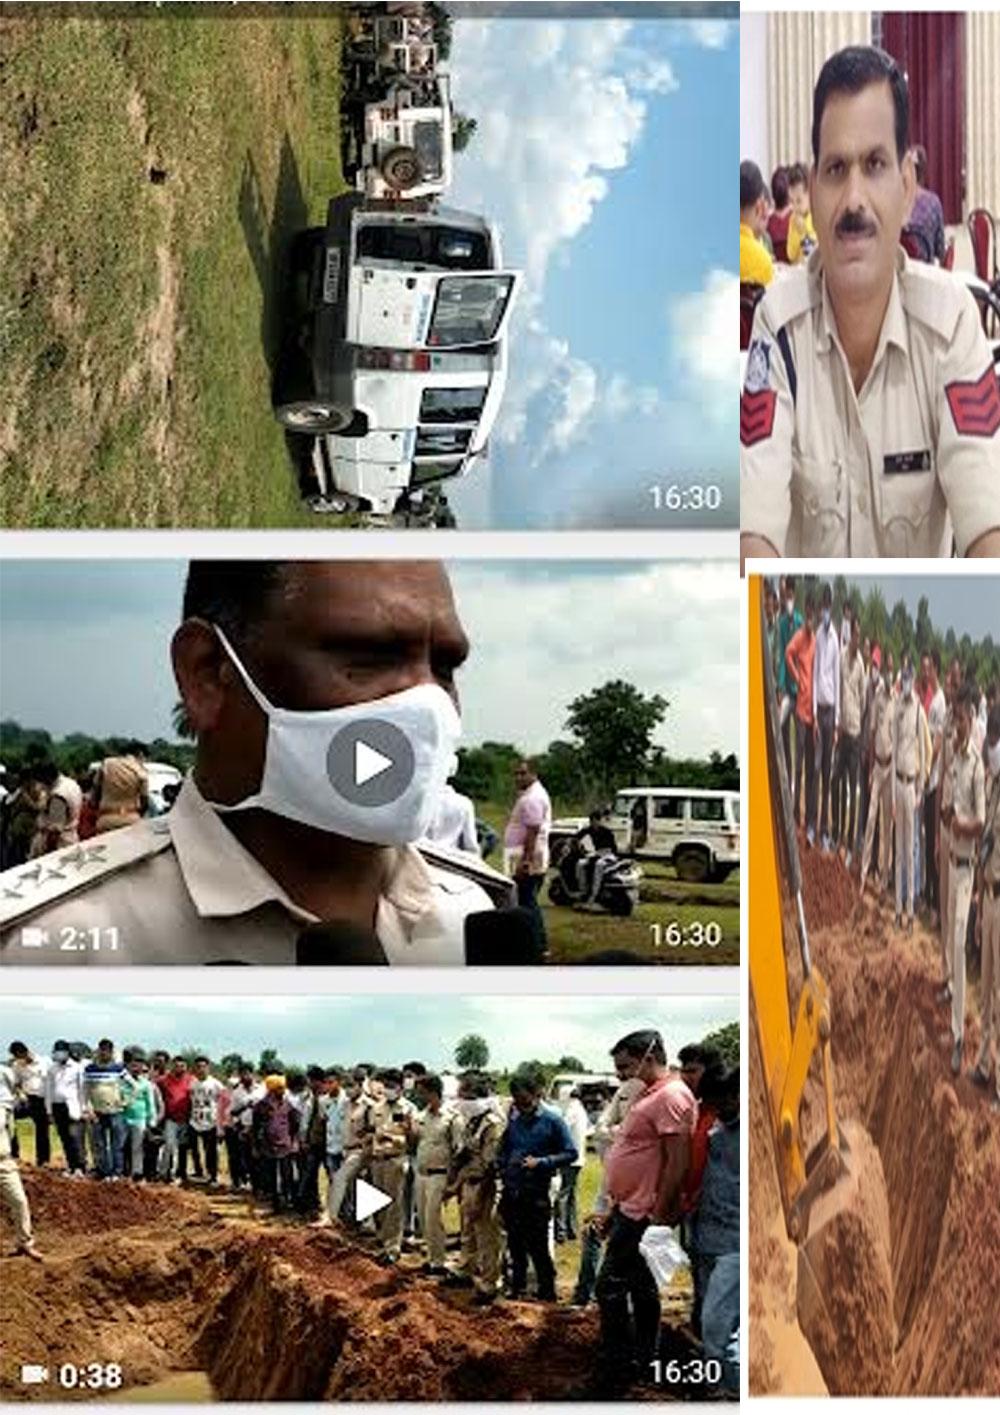 Seoni: छिंदवाडा जिले के प्रधान आरक्षक की हत्या कर दफनाया शव , संदेहियों से पूछताछ जारी